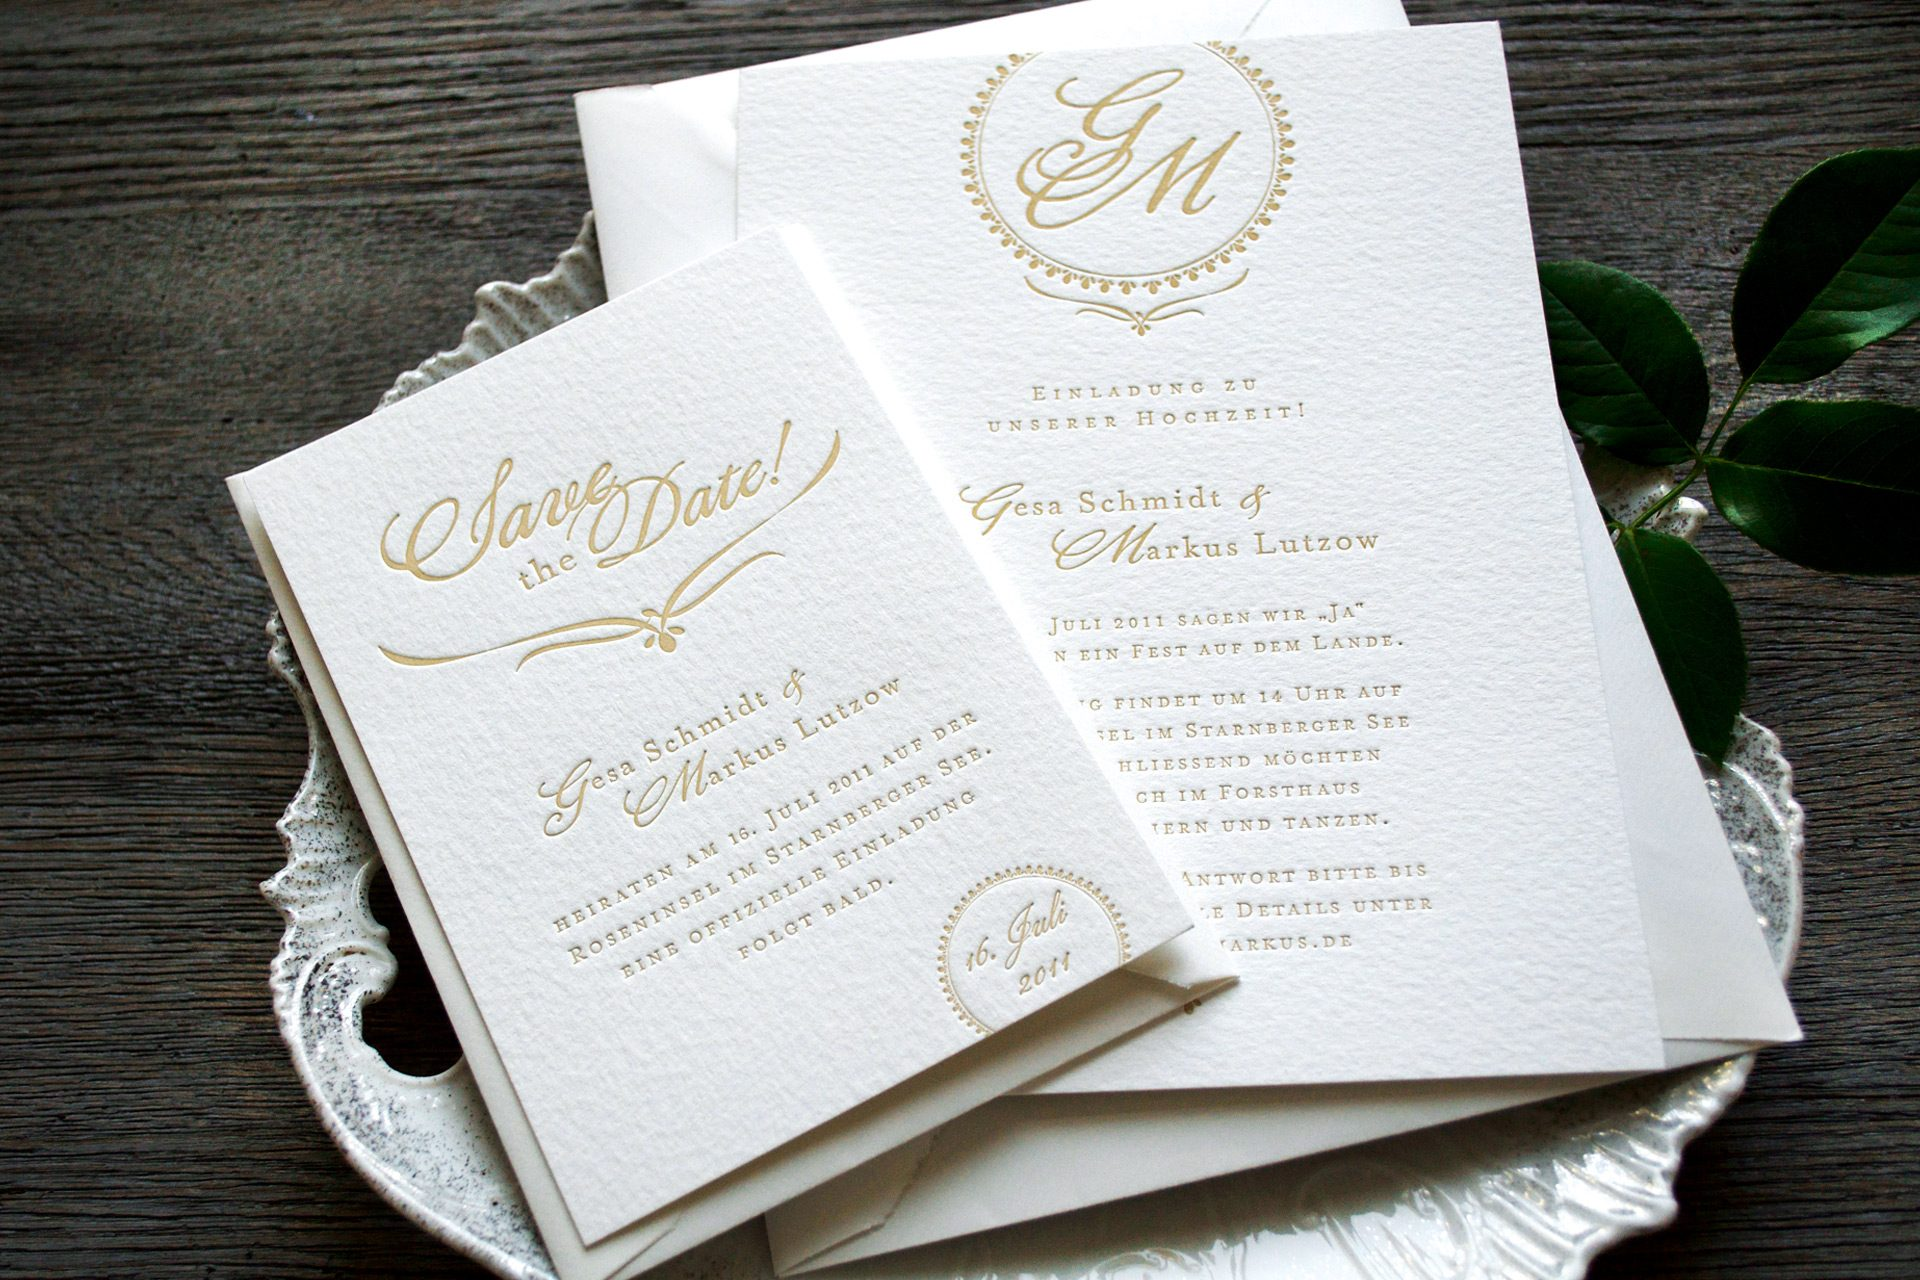 Einladungsset für die Hochzeit mit Einladung und Save the Date, mit monogramm gestaltet als Hochzeitslogo.